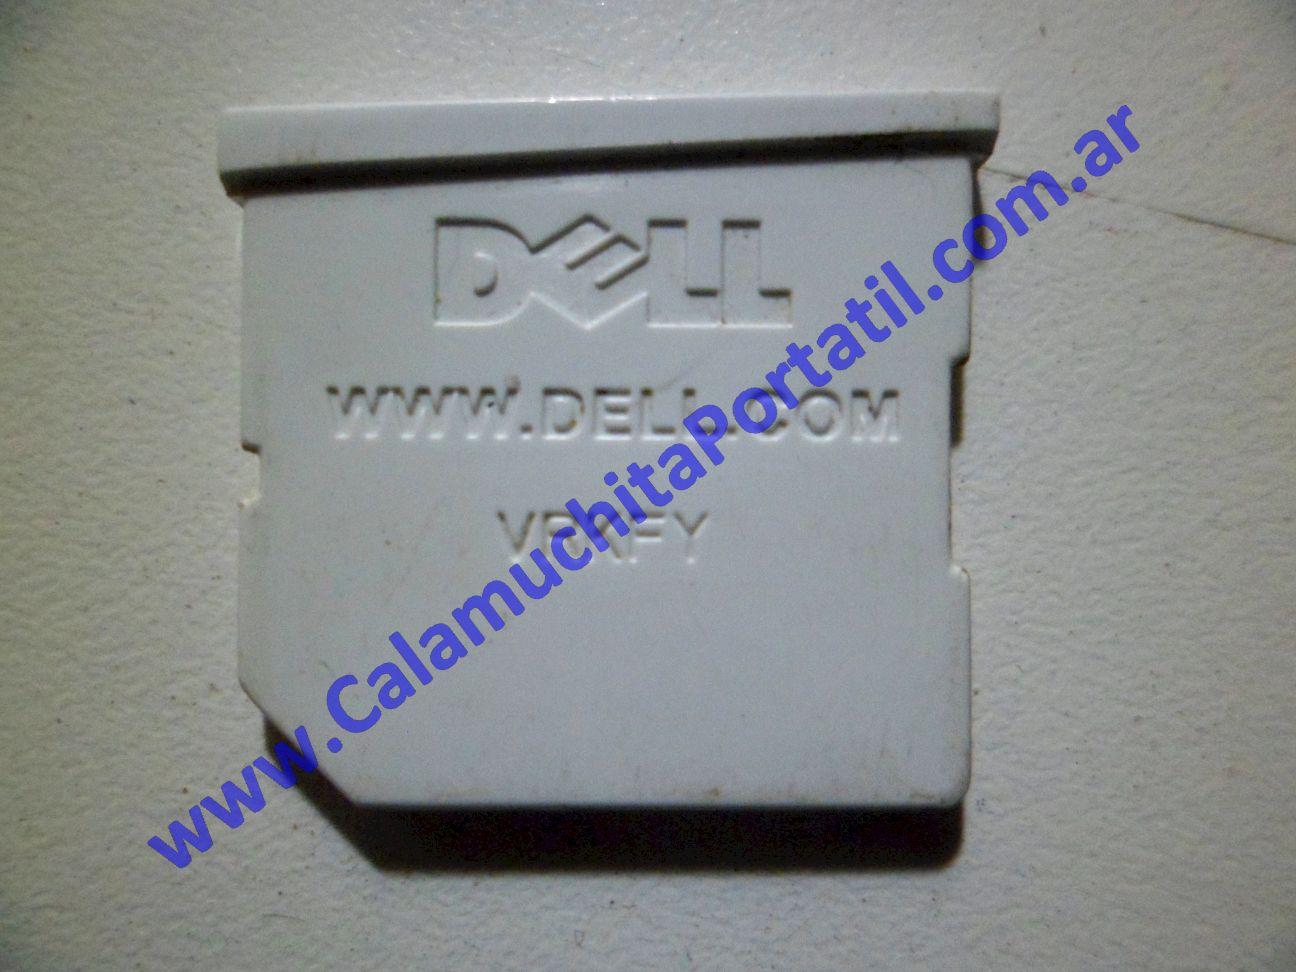 0146XPS Protector SD Dell Inspiron Mini 1012 / P04T